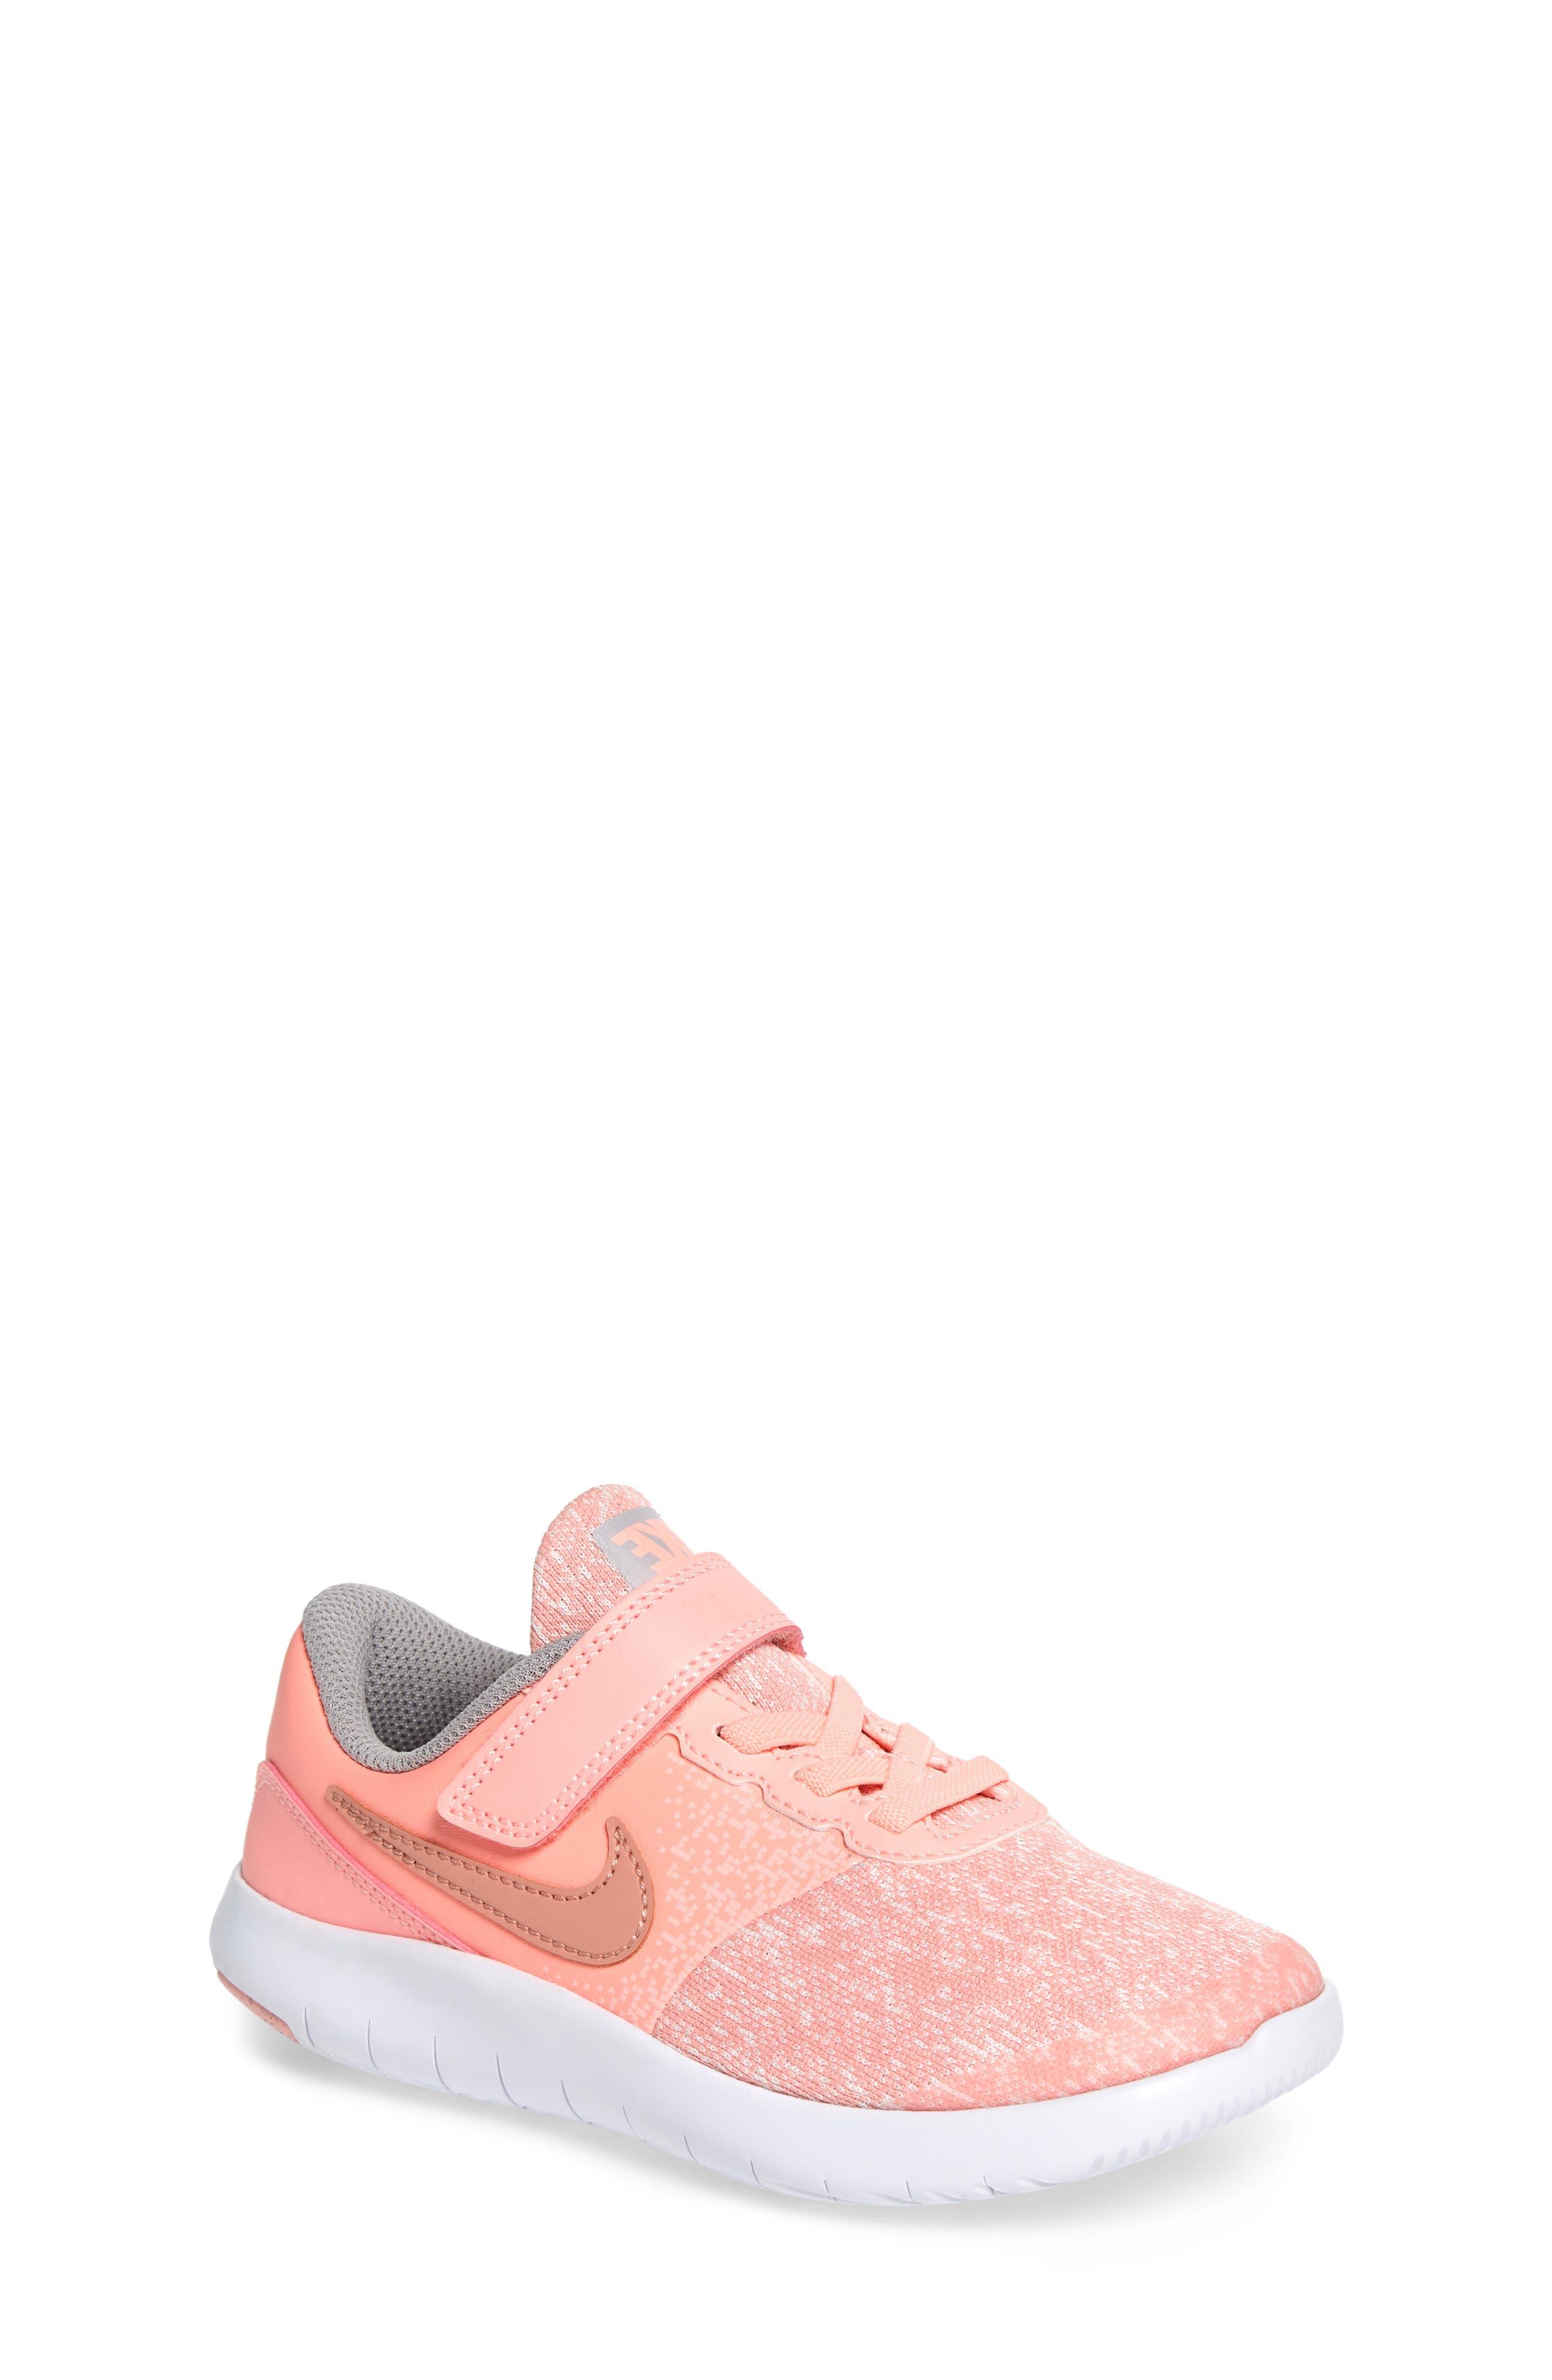 Girls Nike Flex Contact Running Shoe Size 135 M  Pink